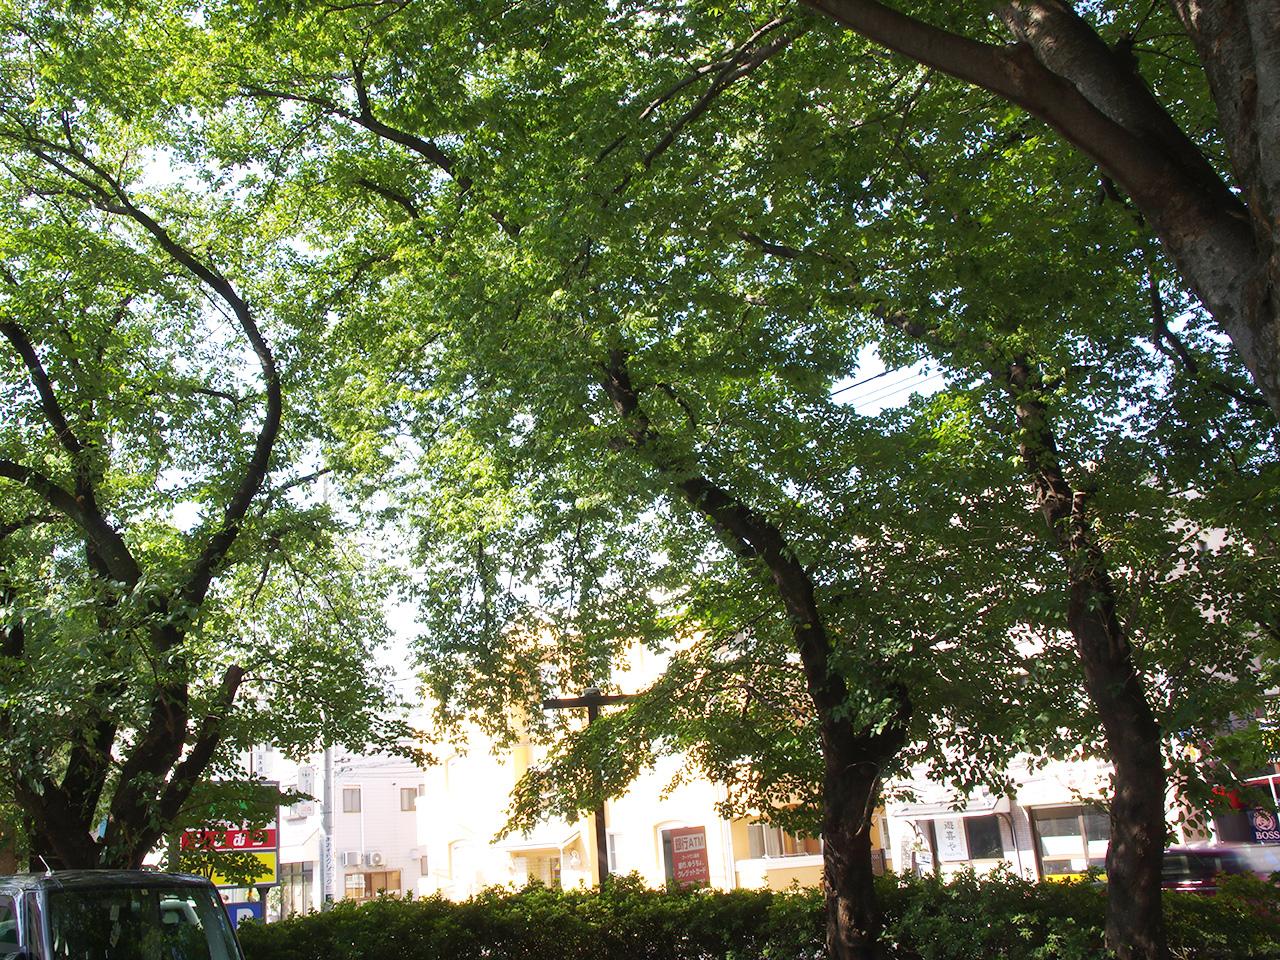 同じく第2駐車場の桜の巨木。春には満開の花を楽しませてくれます。